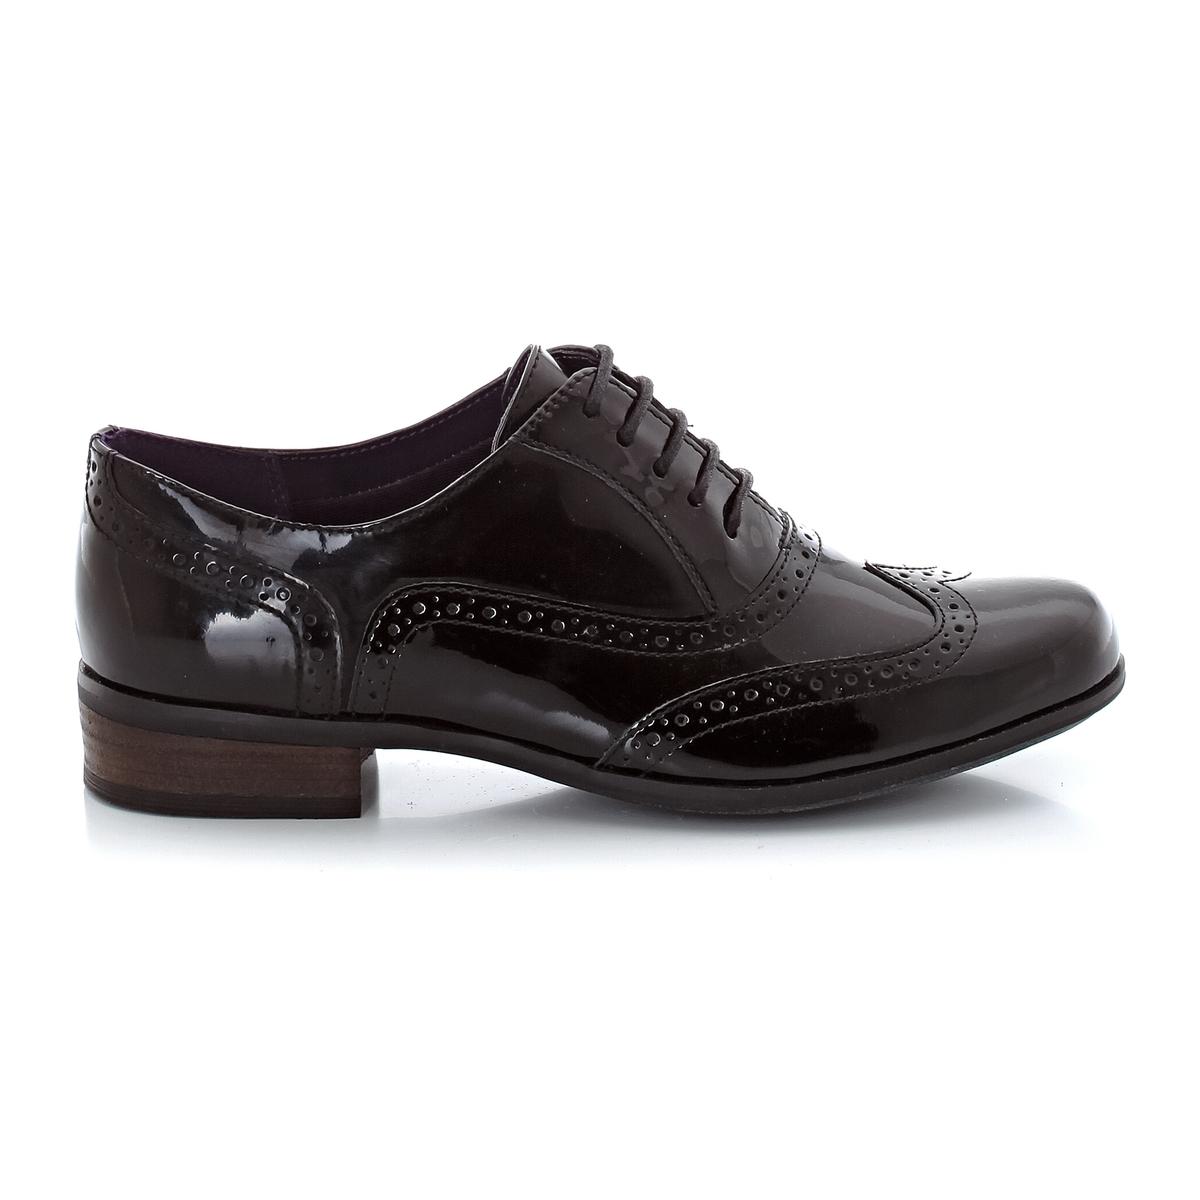 CLARKS Ботинки-дерби из лакированной кожи, на шнуровке и небольшом каблуке